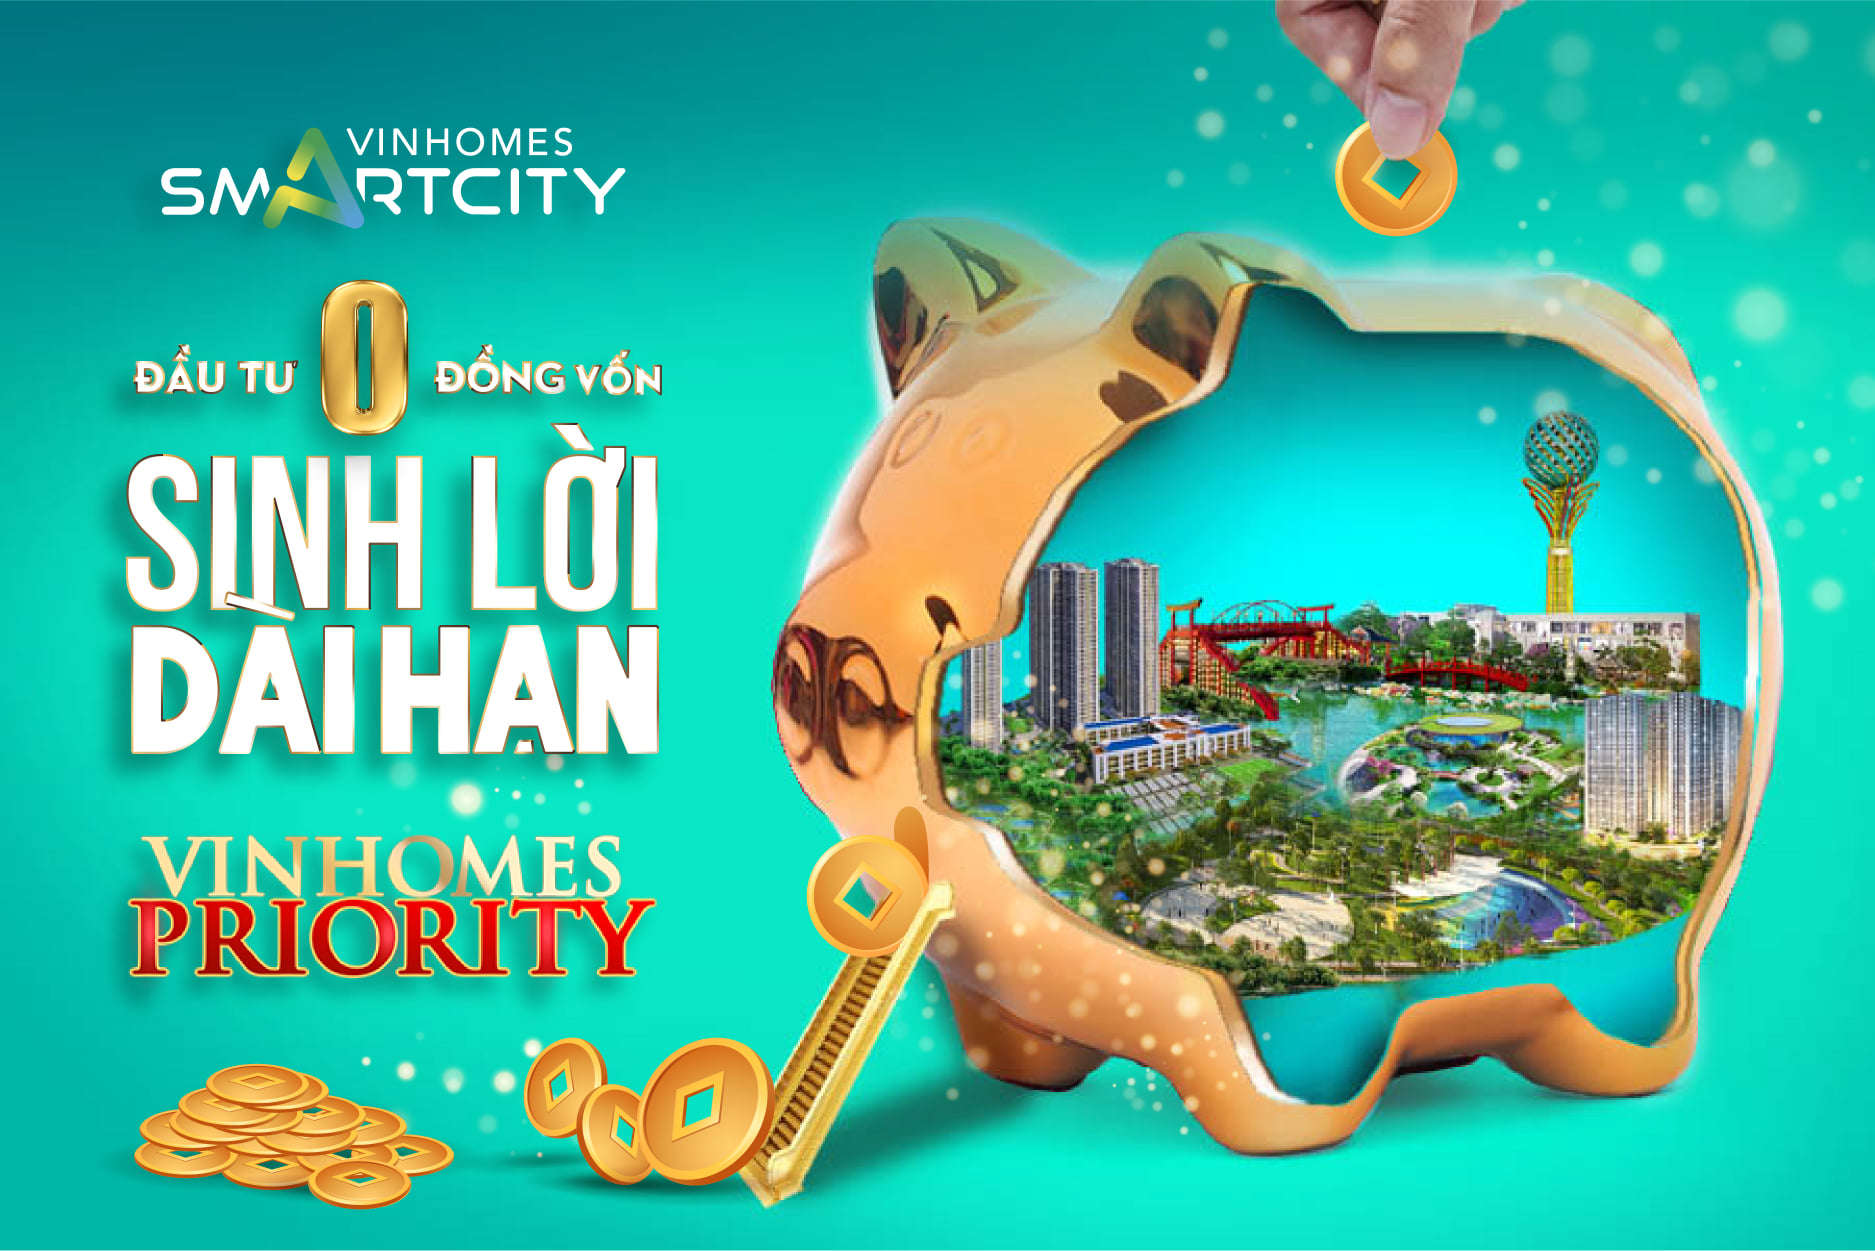 chinh-sach-0-dong-von-smart-city